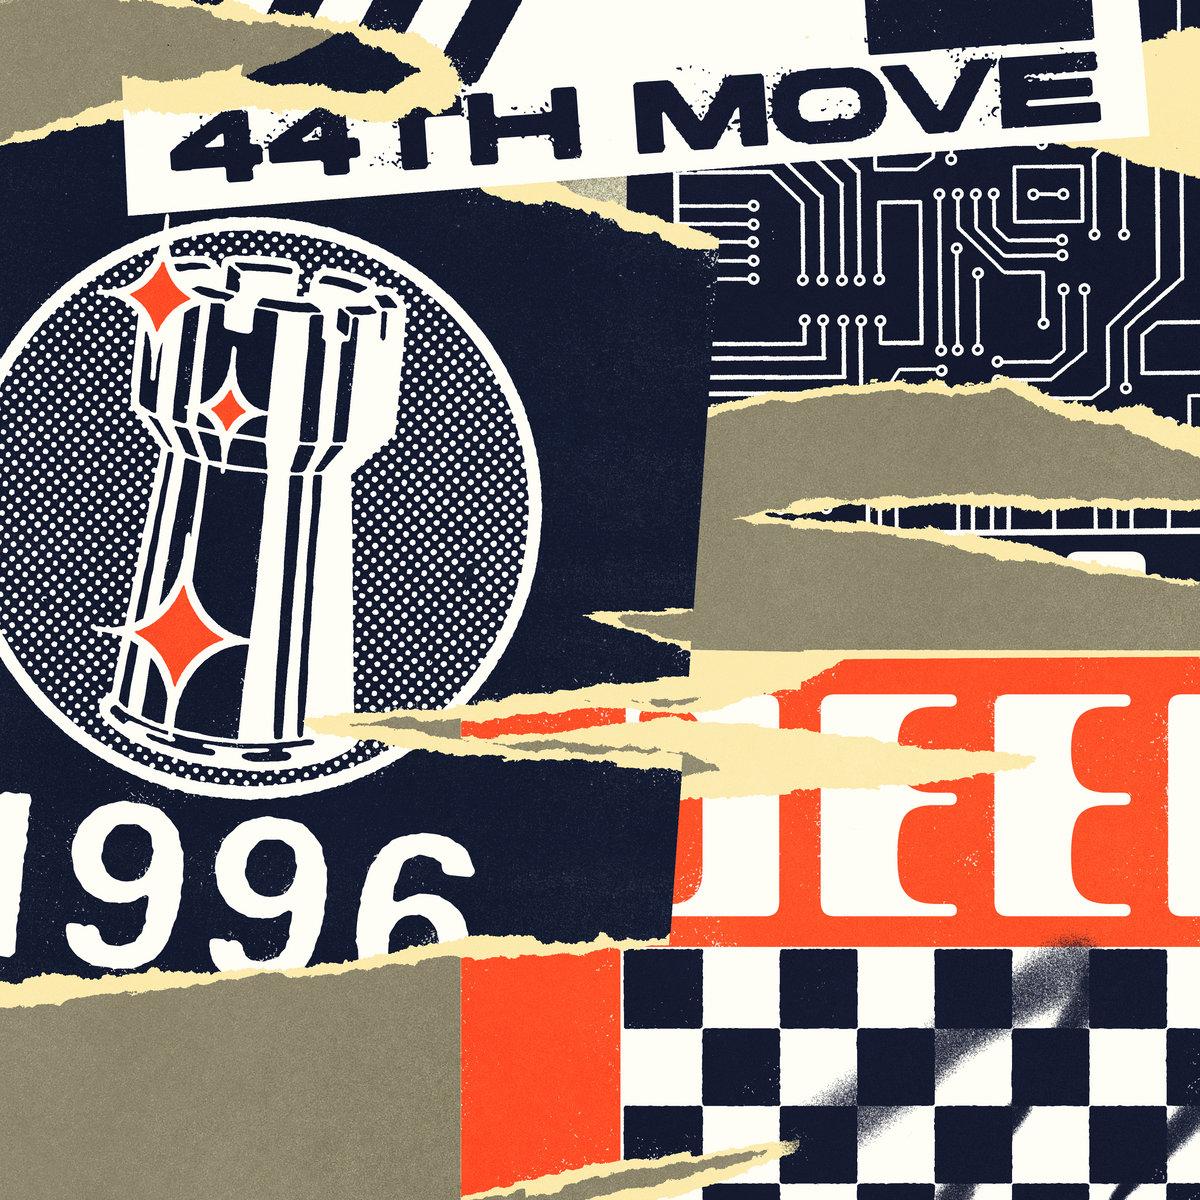 44th Move | 44th Move